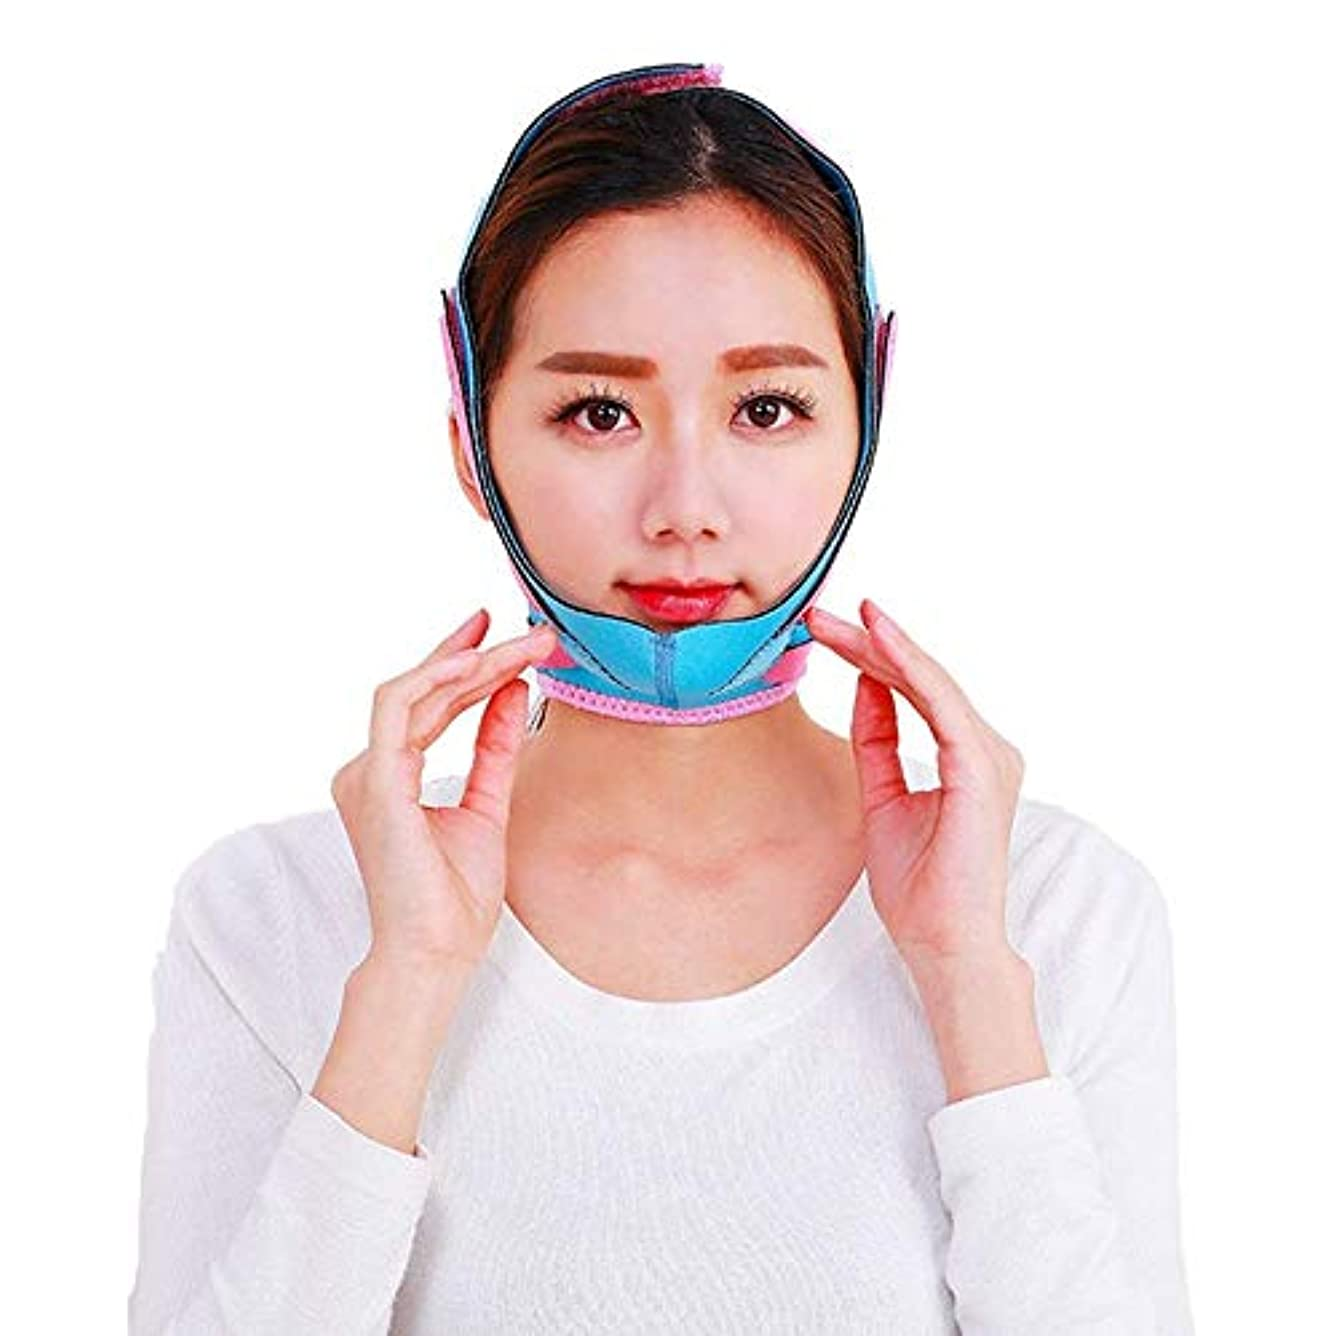 パッチリスキーな伝統薄い面ベルト薄い面ベルト 面の包帯の前部持ち上がるマスクVの面薄い面の小さい持ち上がる道具